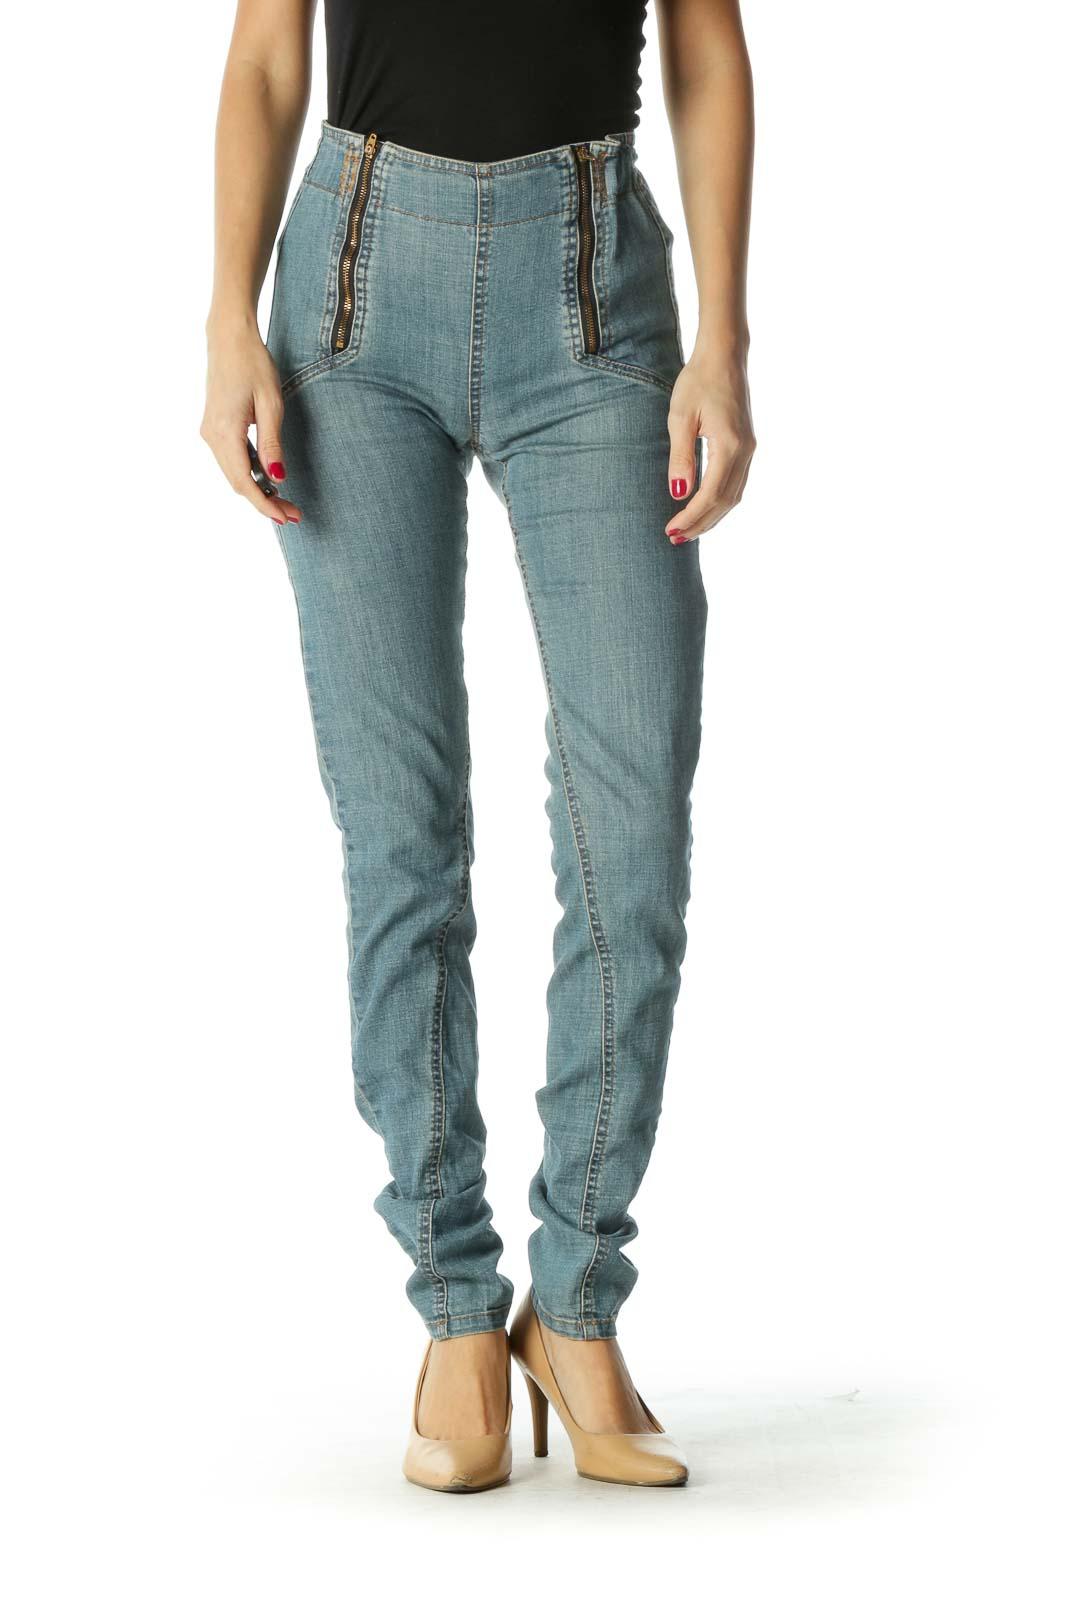 Blue Zippered Elastic Scrunch-Waist Denim Pants